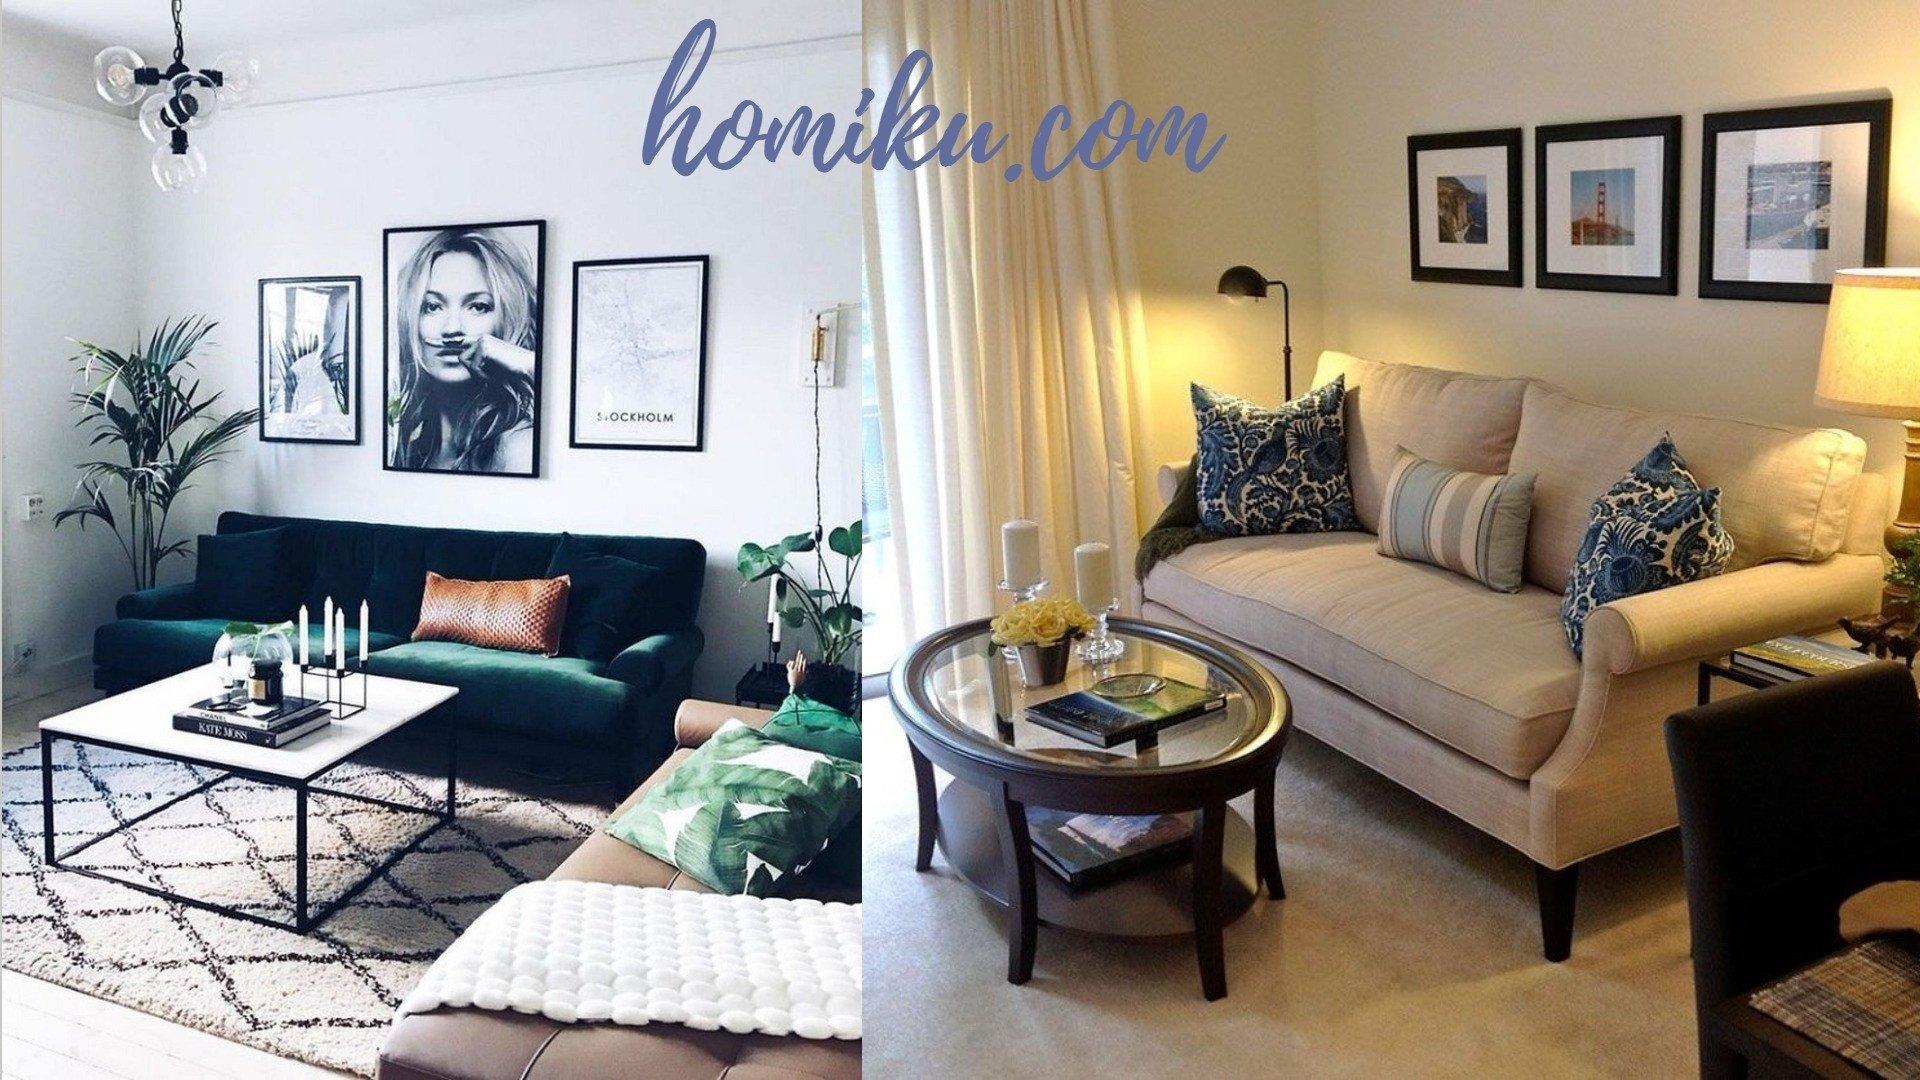 Simple Living Room Decorating Ideas Luxury 42 Simple Living Room Decoration Ideas for Small Apartment Homiku